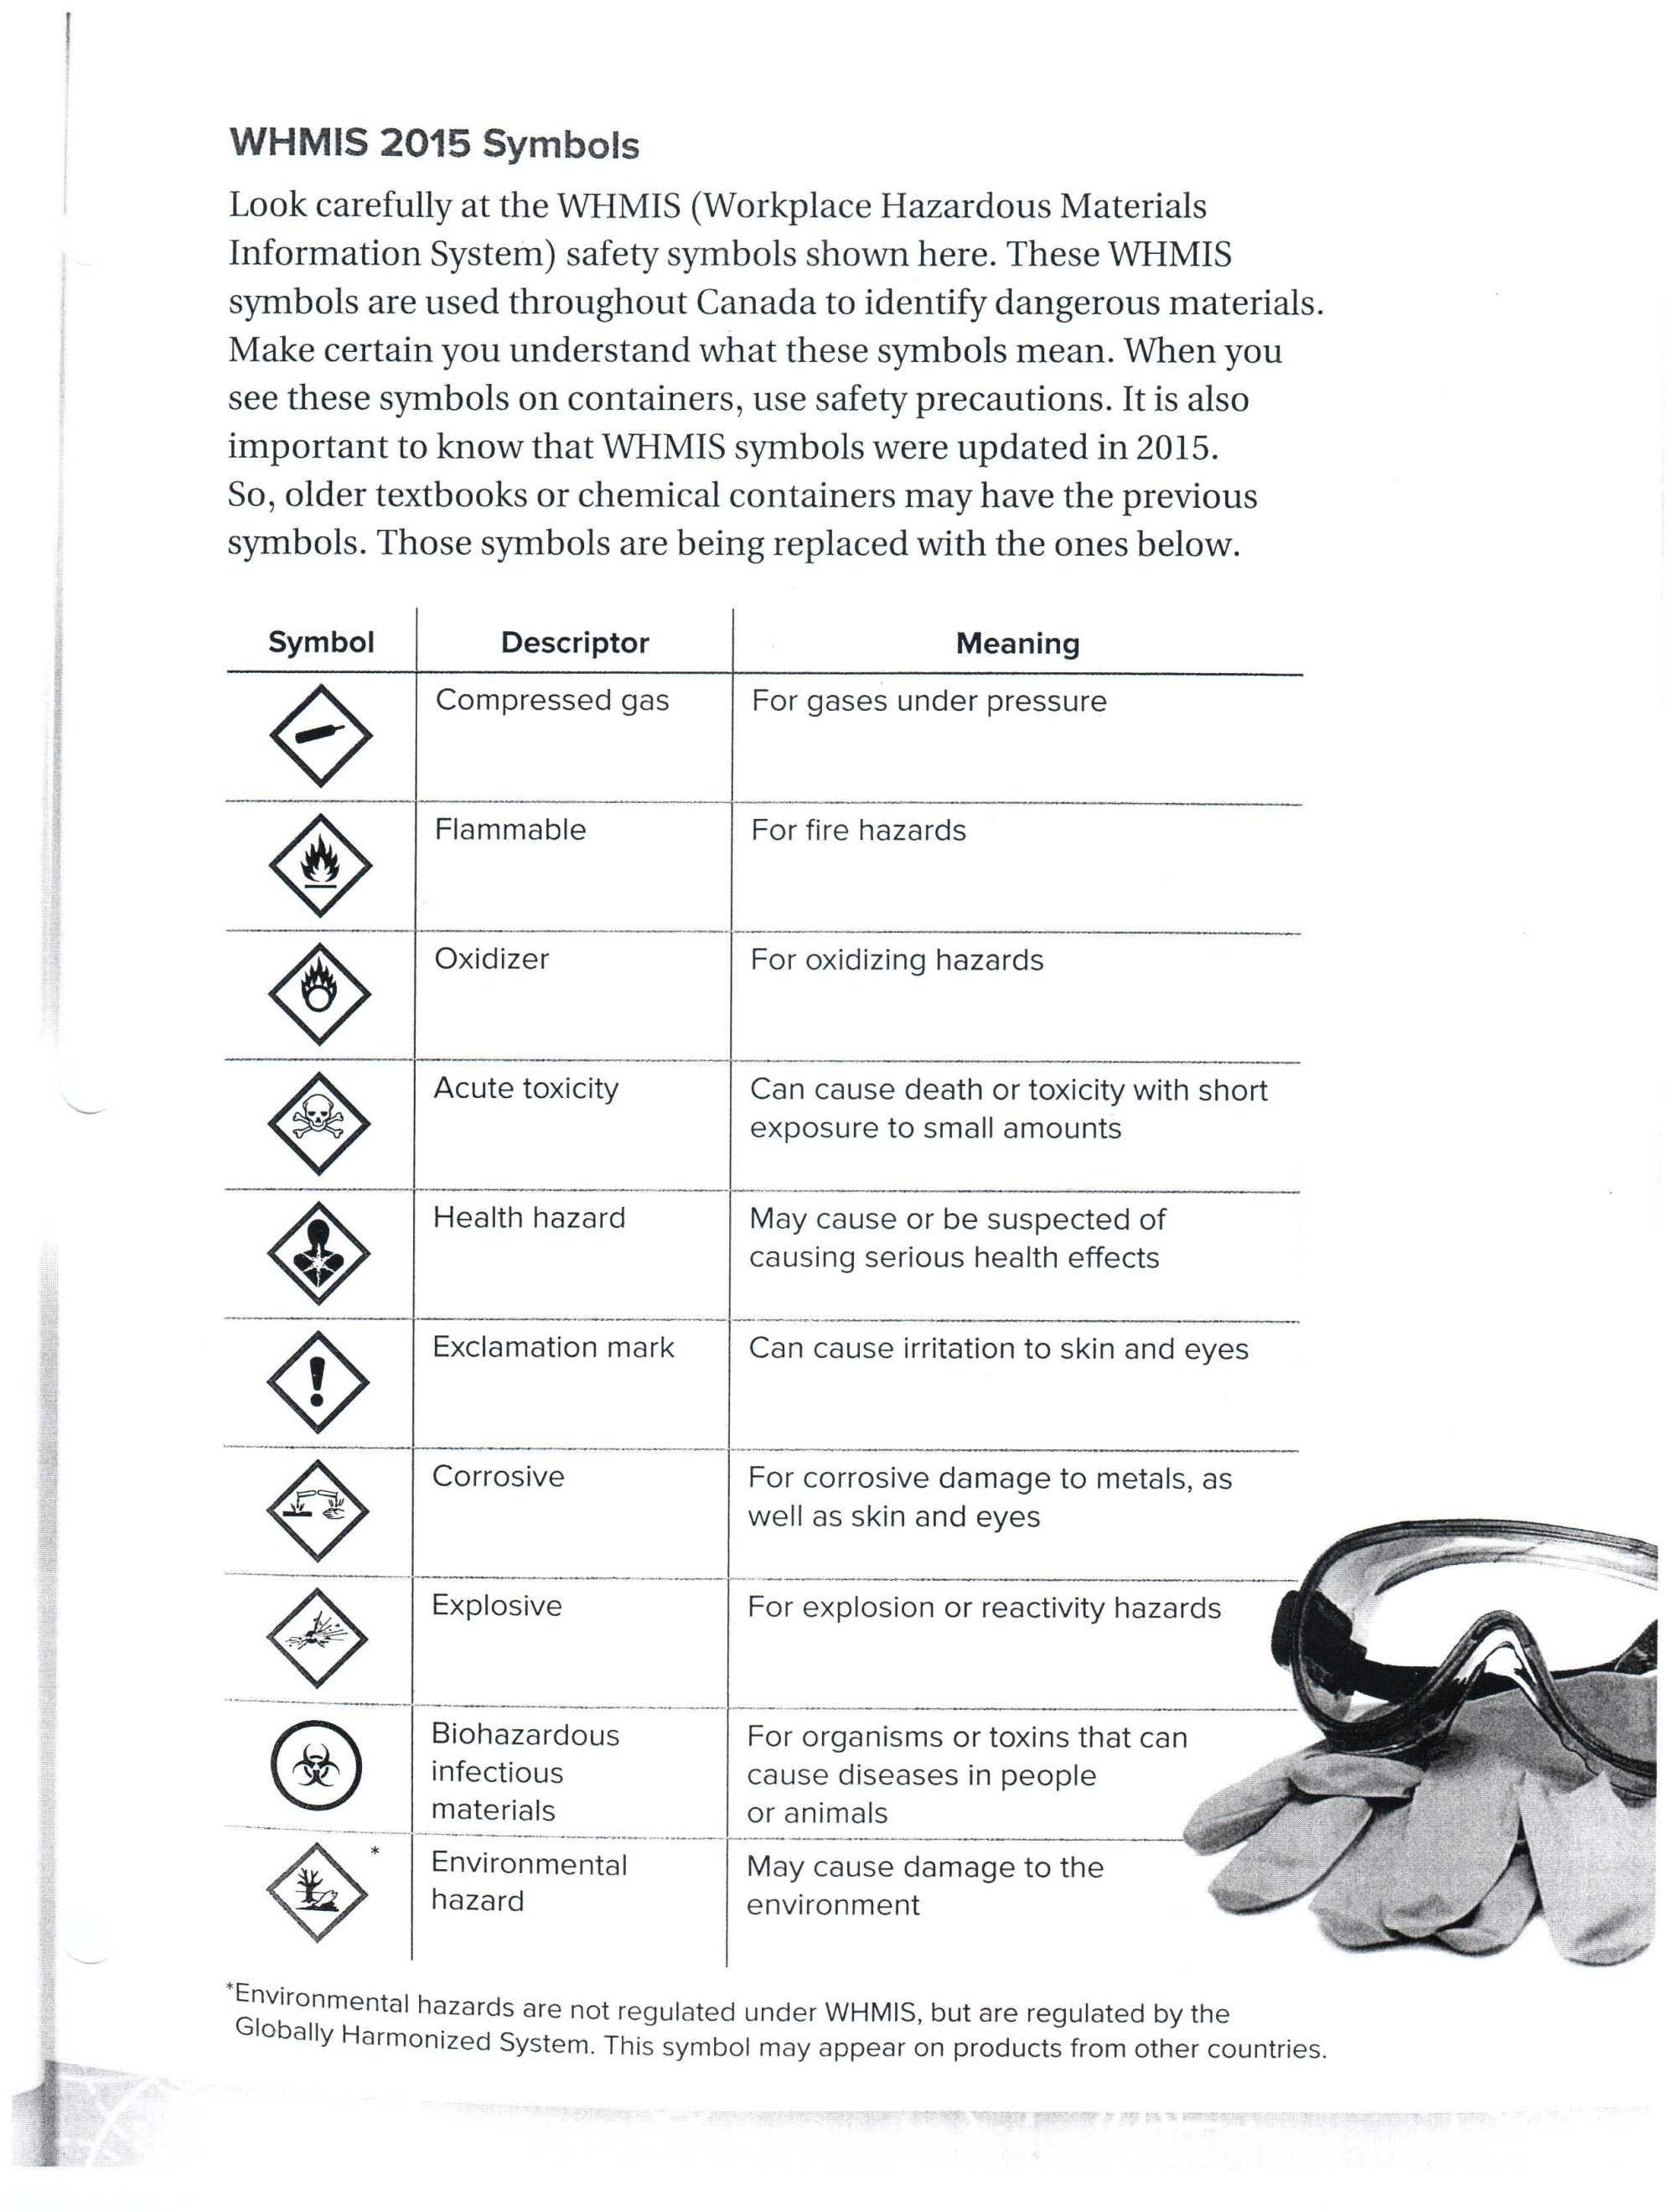 hight resolution of Lab Safety Symbols Worksheet - Nidecmege